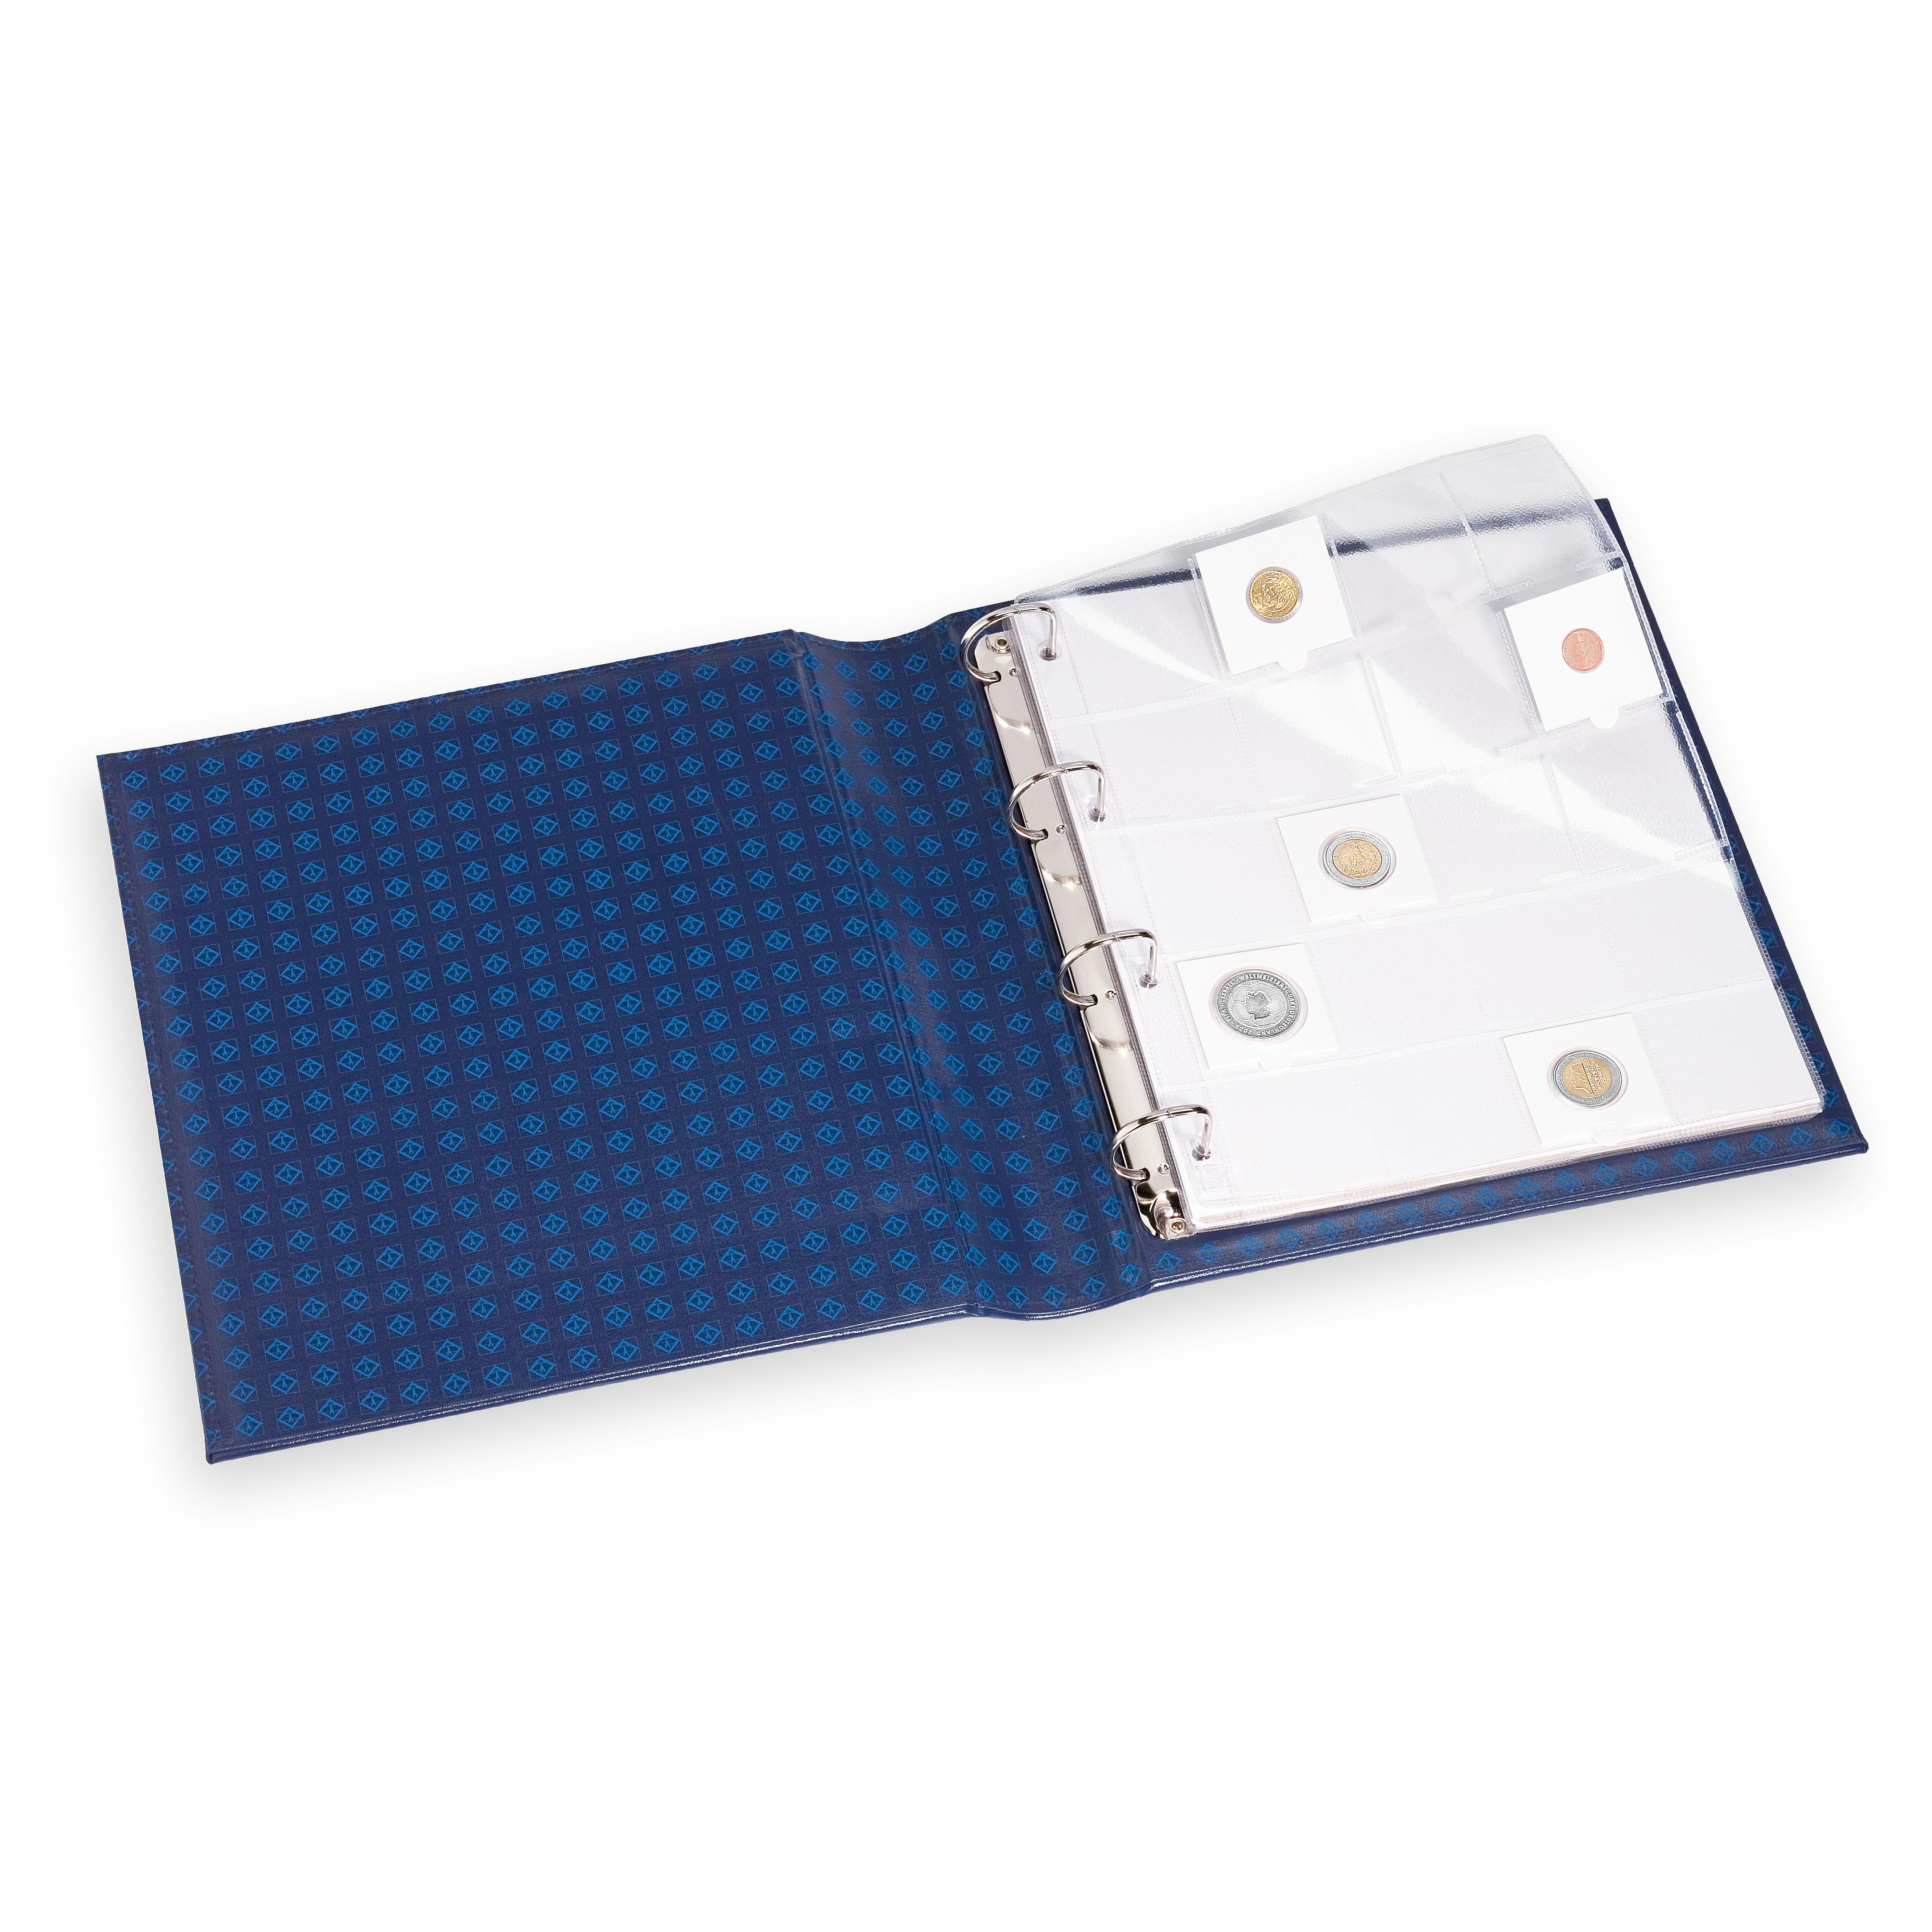 Ark til oppbevaring av myntrammer - pakke med 5 ark